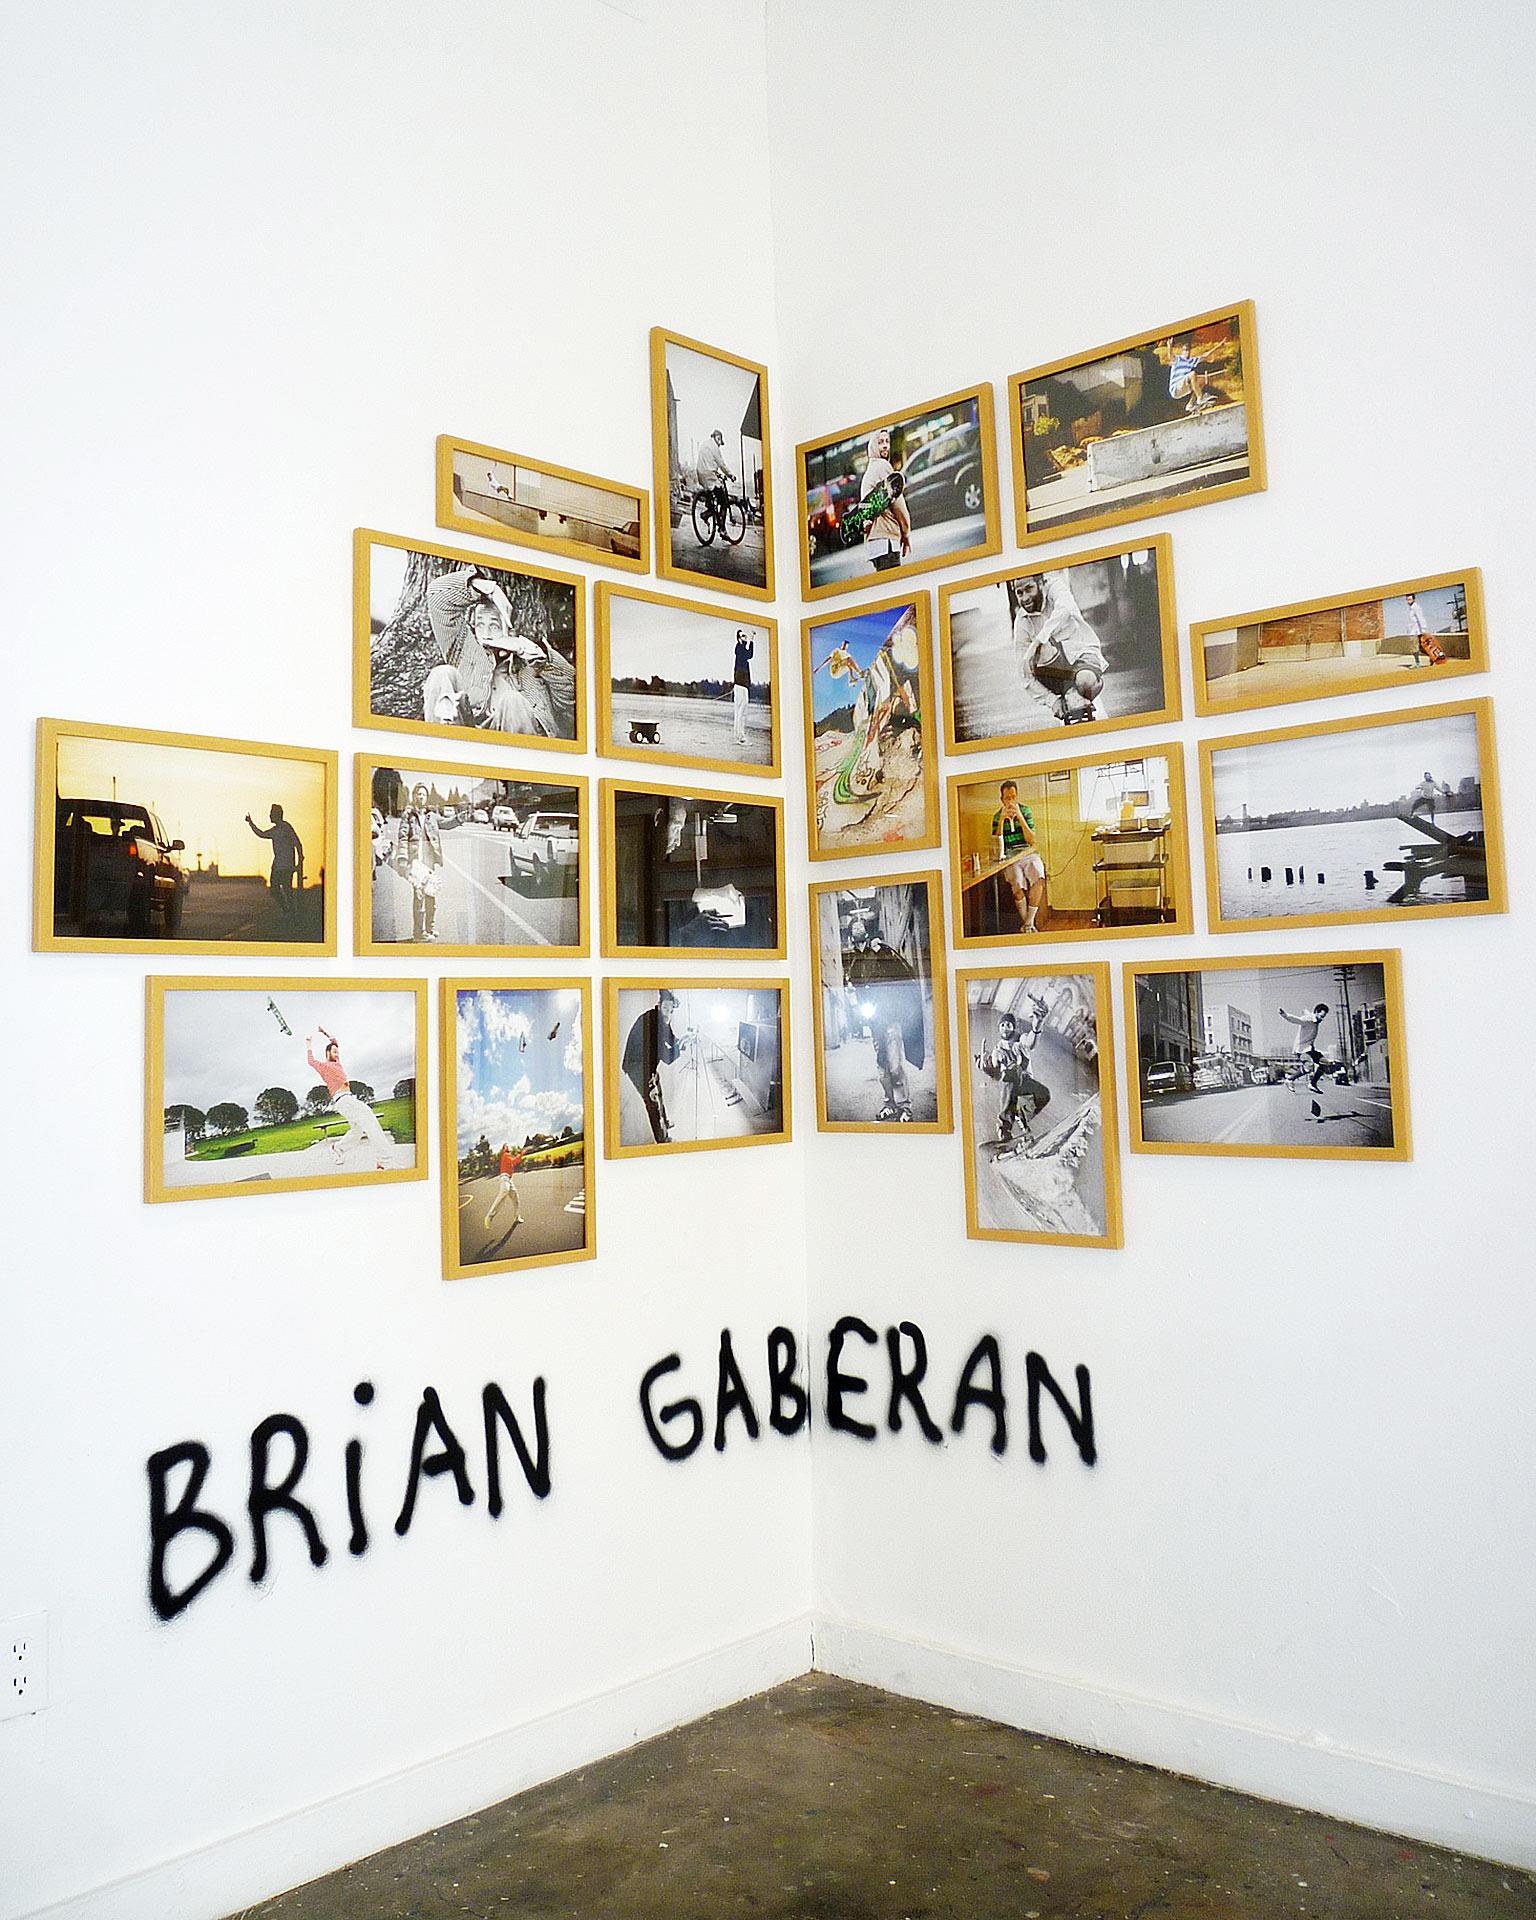 Brian Gaberman